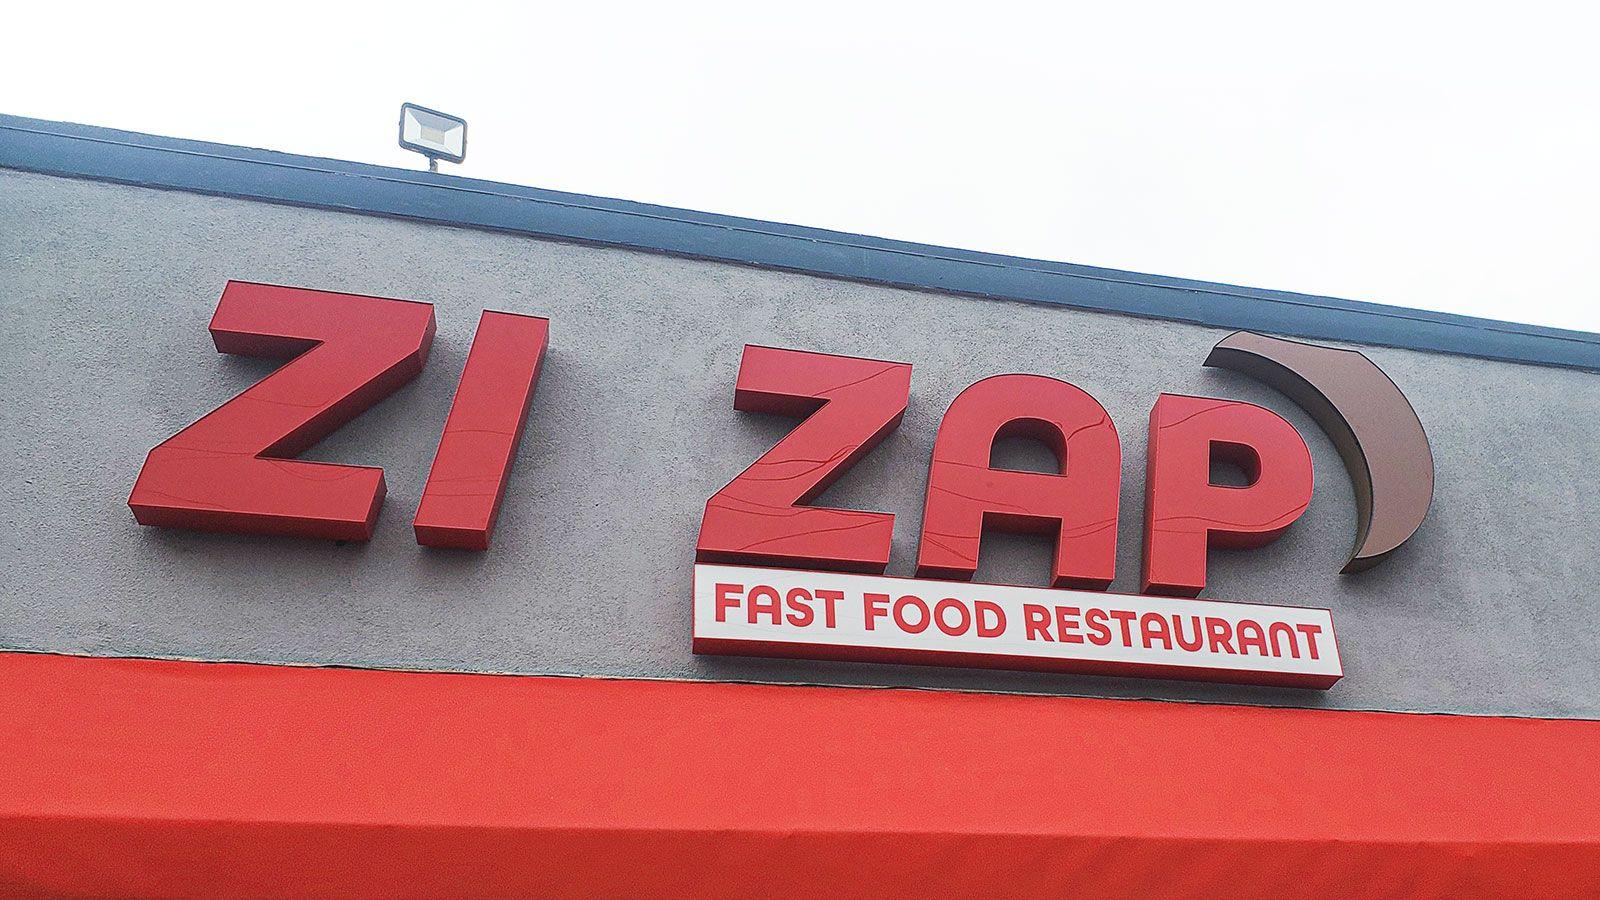 Zi Zap channel letters